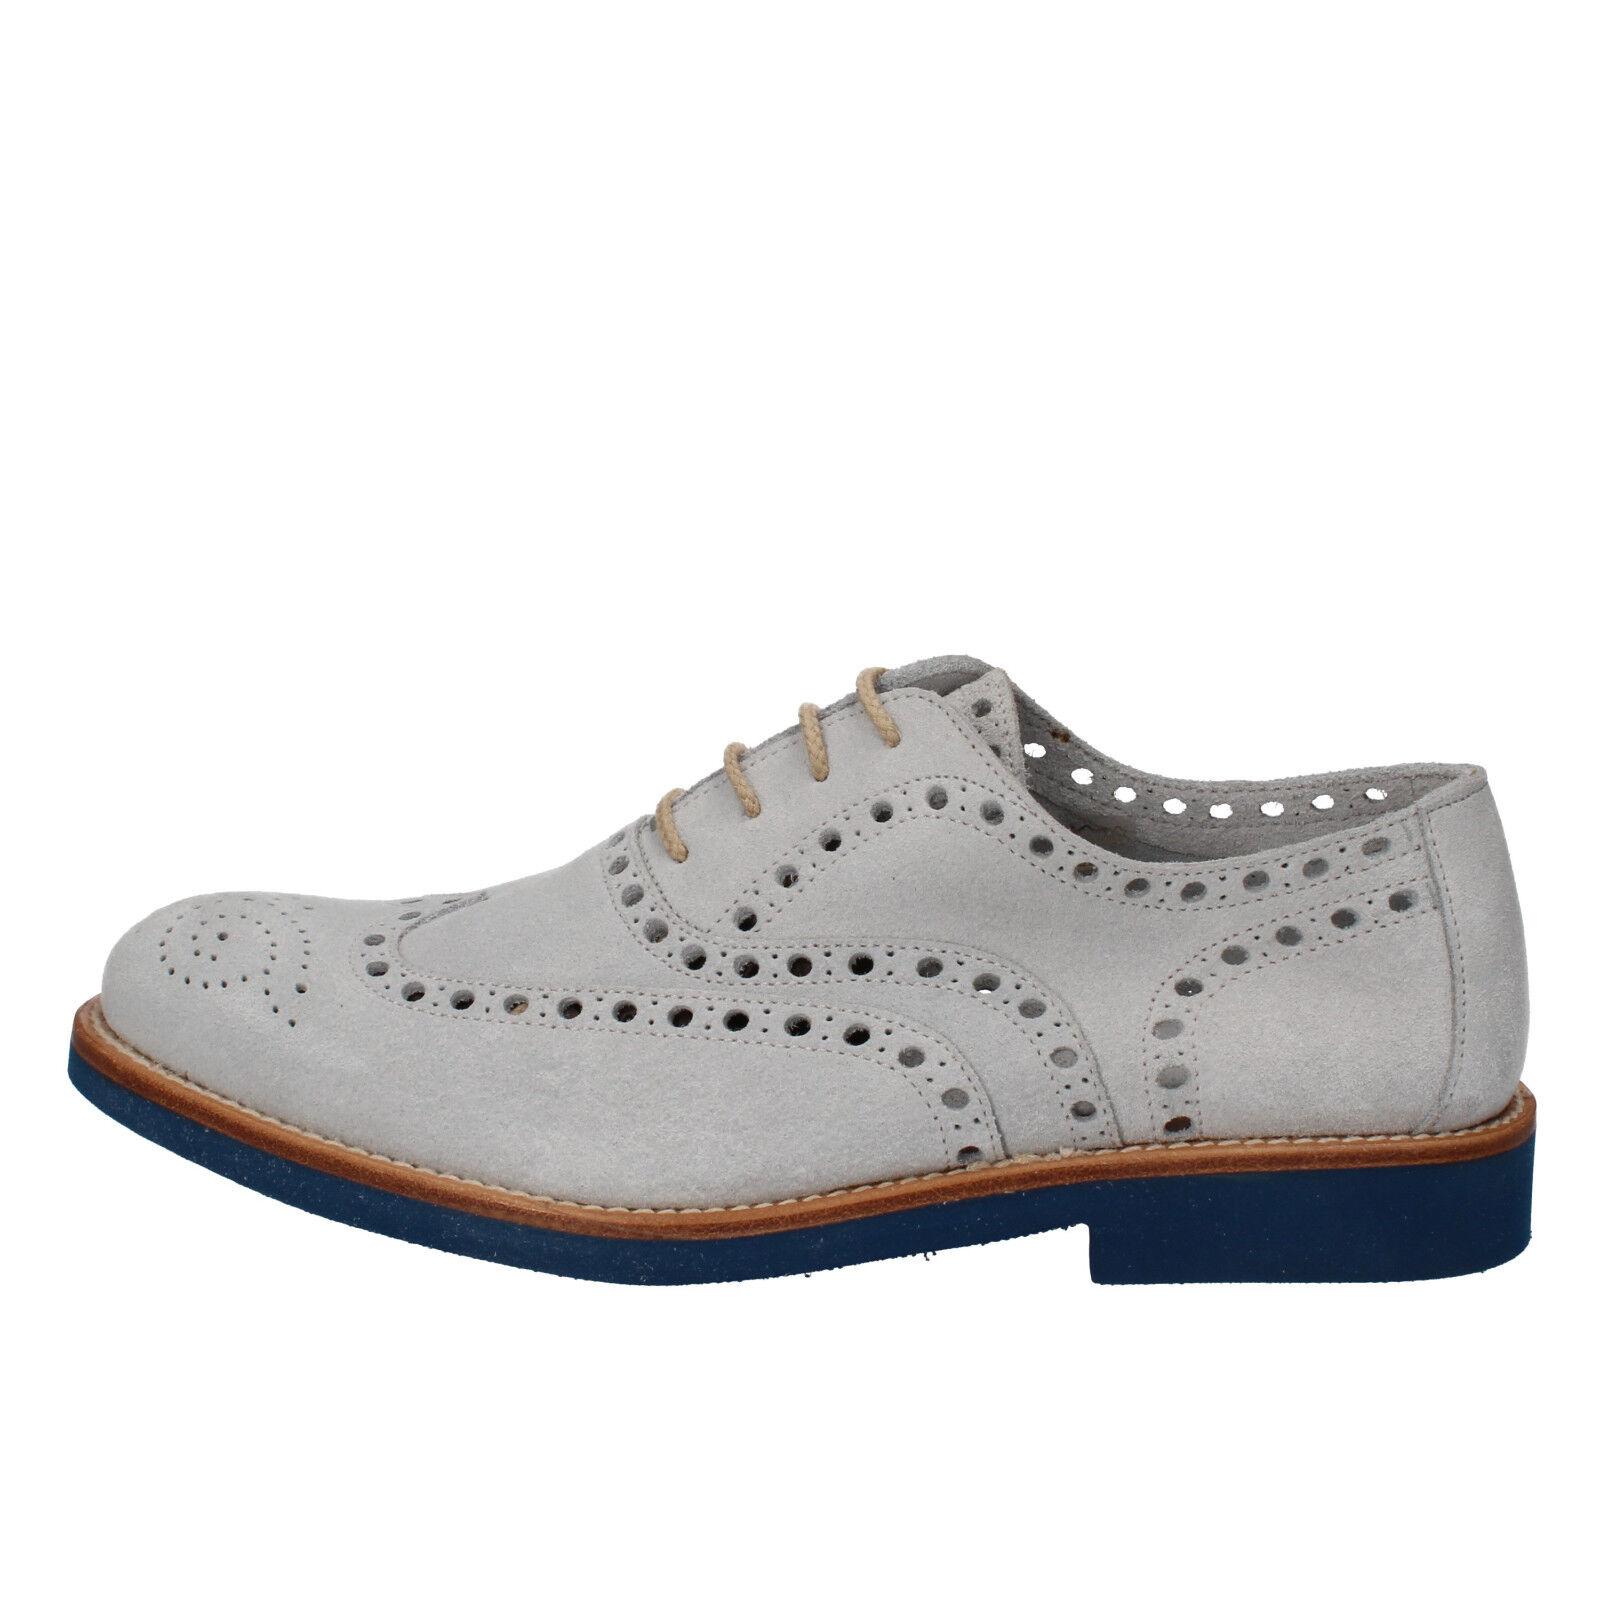 men's shoes DI MELLA 10,5 () elegant gray suede AD237-L